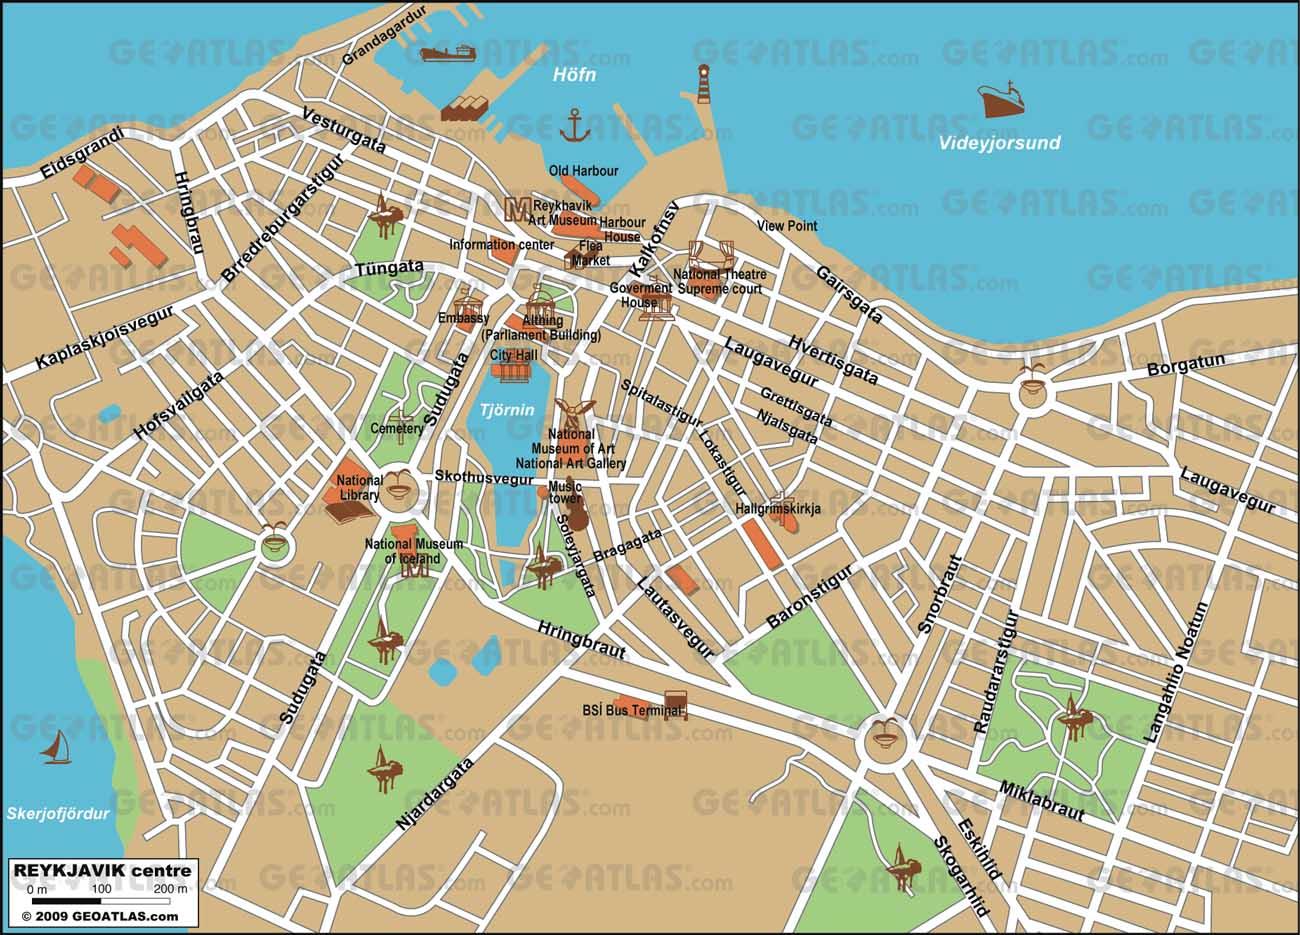 street map of reykjavik html with Mapas De Reiquejavique Islandia on LocationPhotoDirectLink G189970 D12714471 I293126261 Icelandic Street Food Reykjavik Capital Region moreover Property 36045403 in addition Map Of York additionally Kemah Boardwalk Inn together with Reykjavik Map.